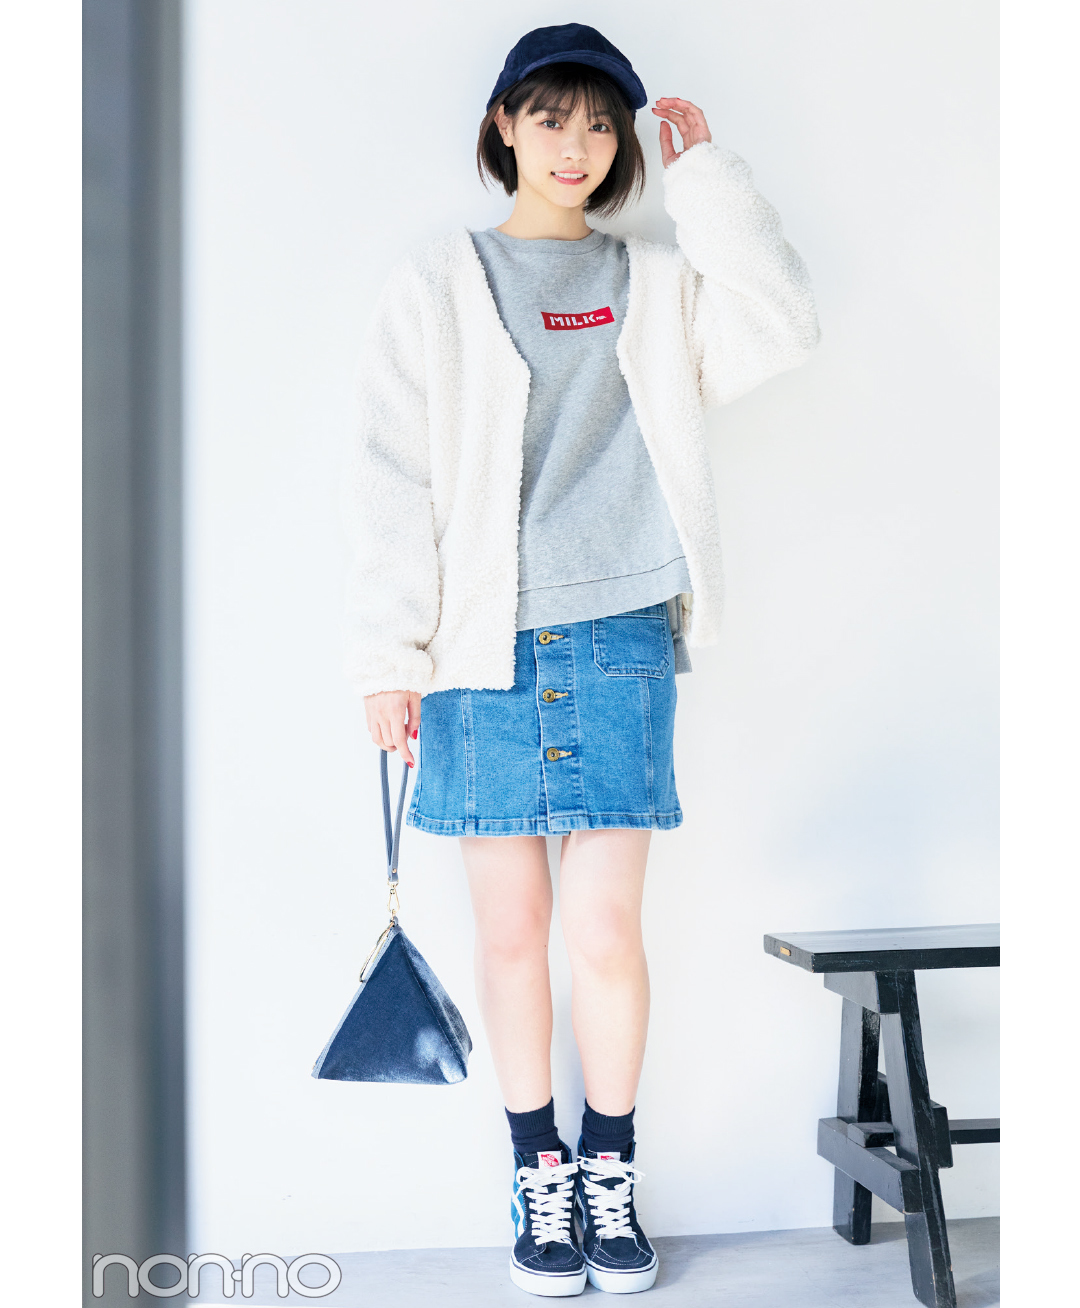 ヘルシーなのにドキッ♡ 西野七瀬のミニスカート×スニーカーコーデ5選_1_1-5